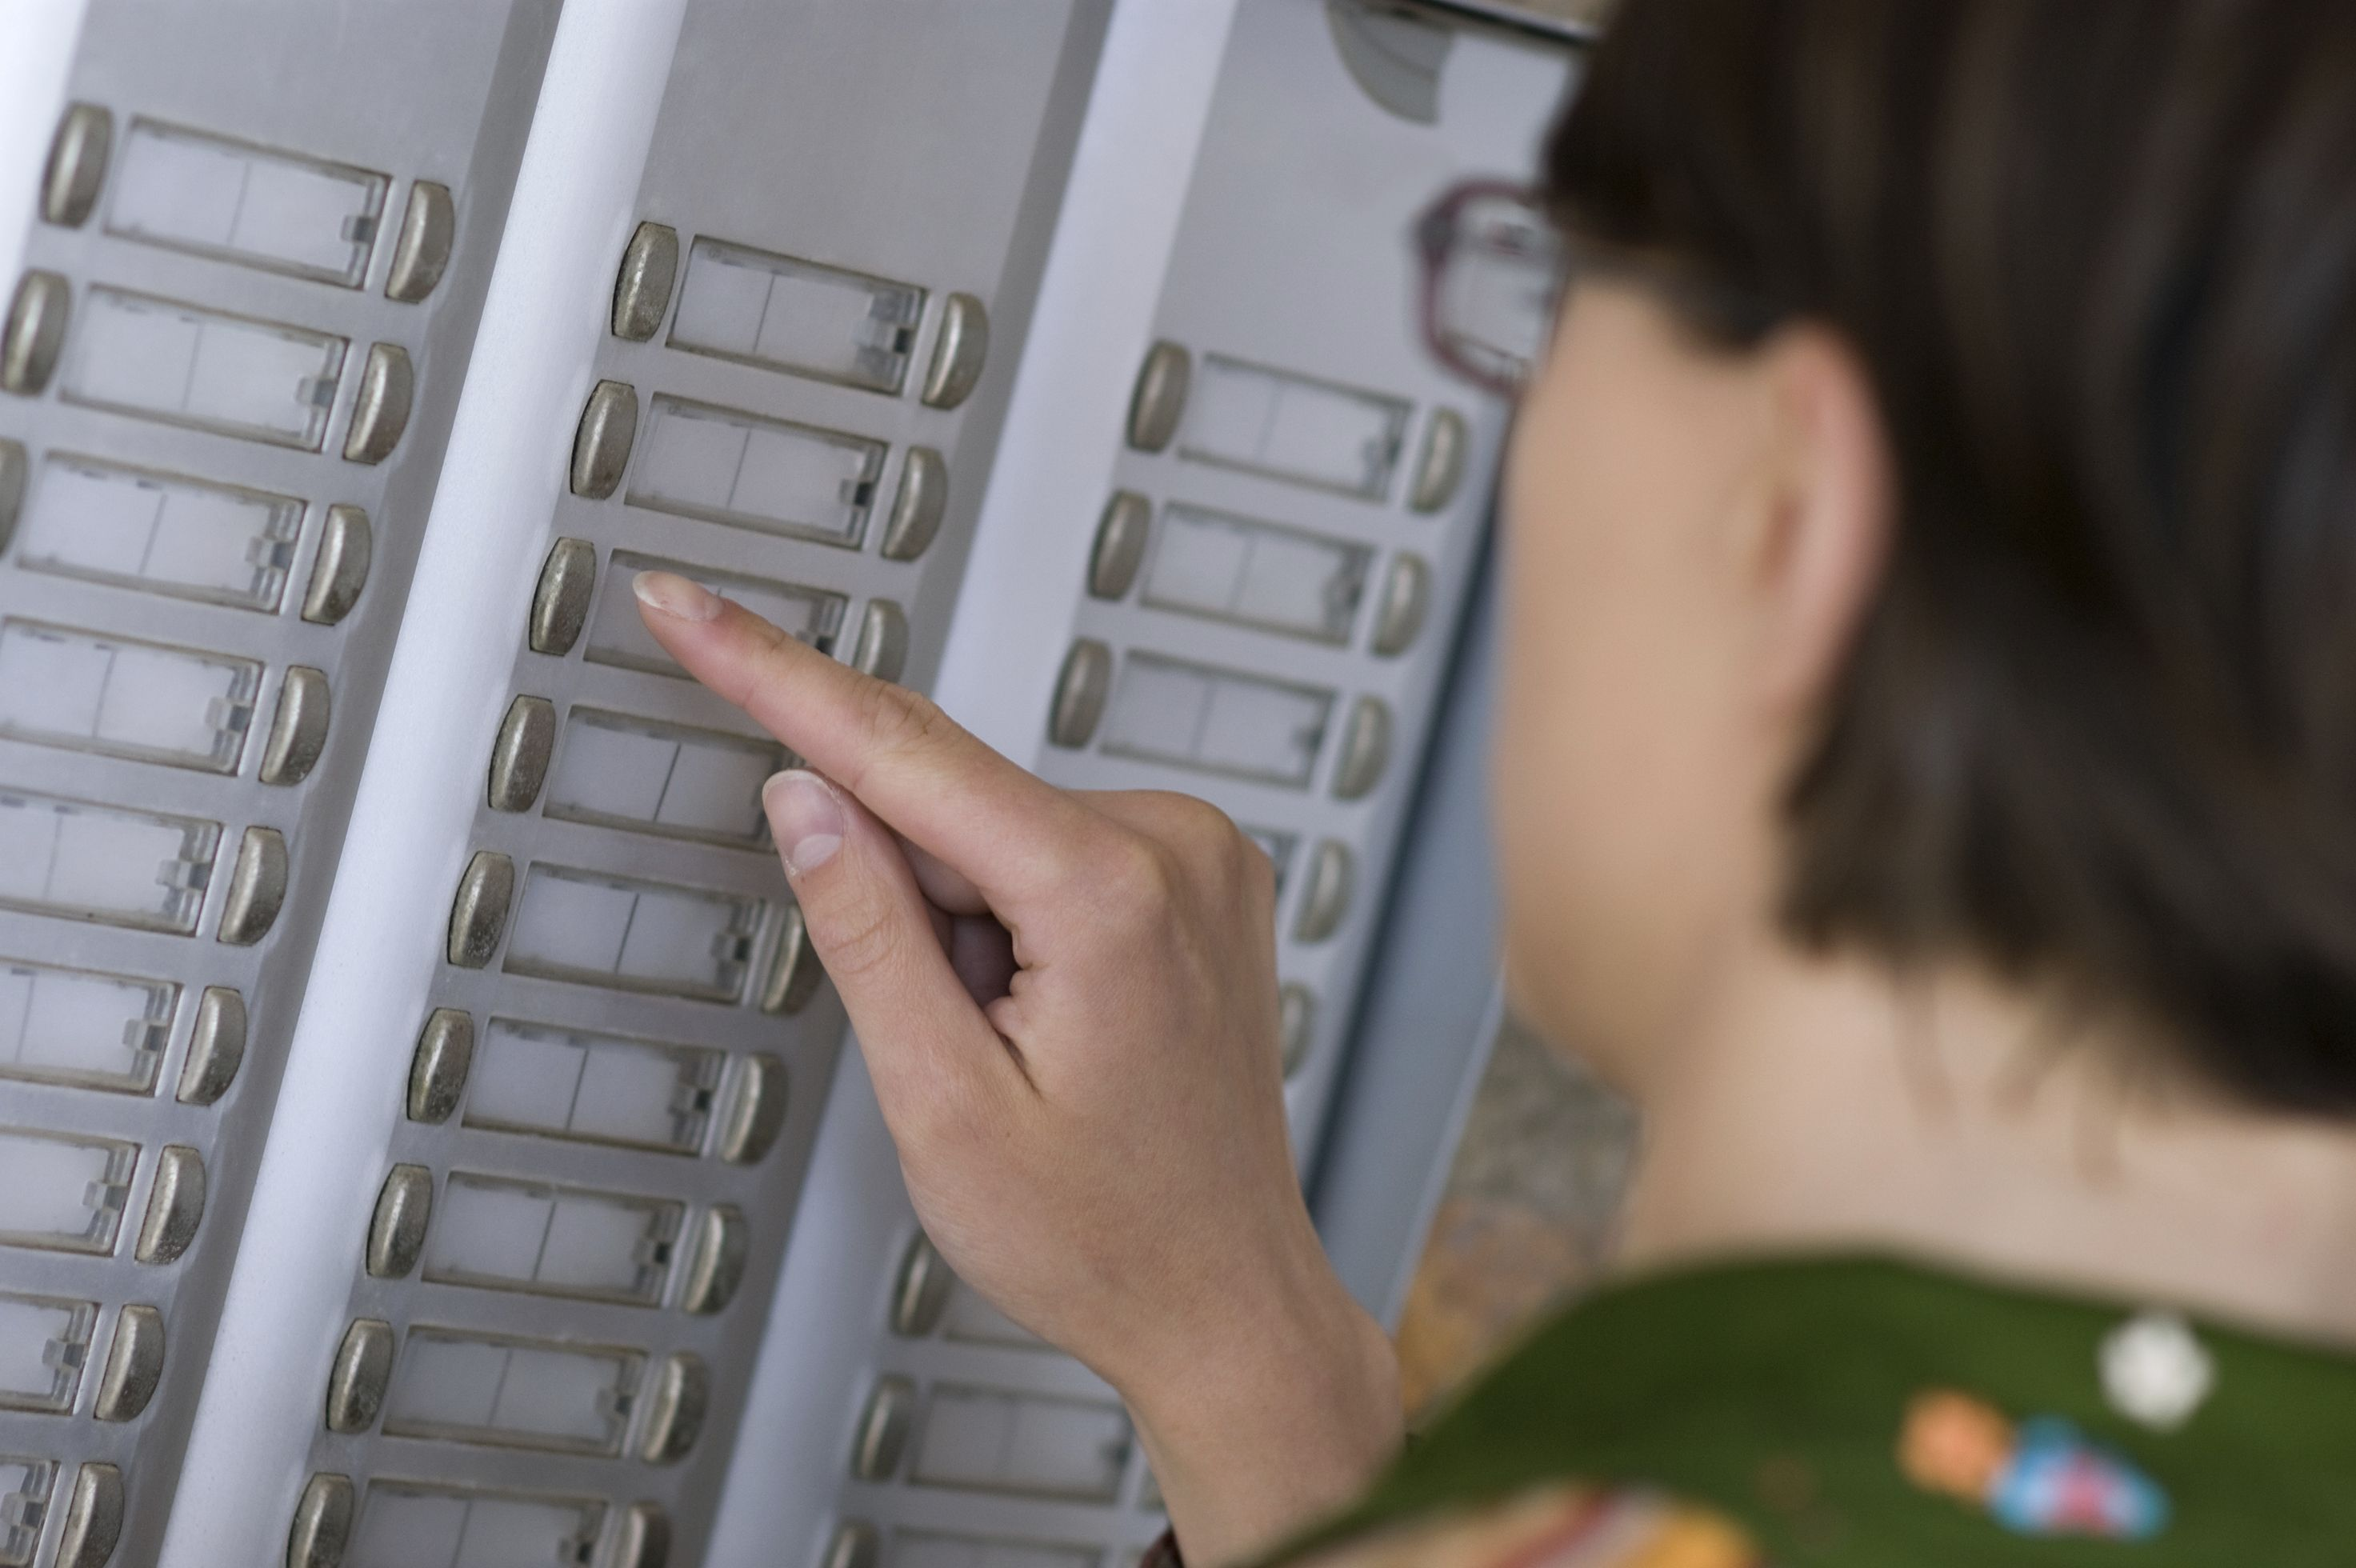 Instalaciones de porteros electrónicos